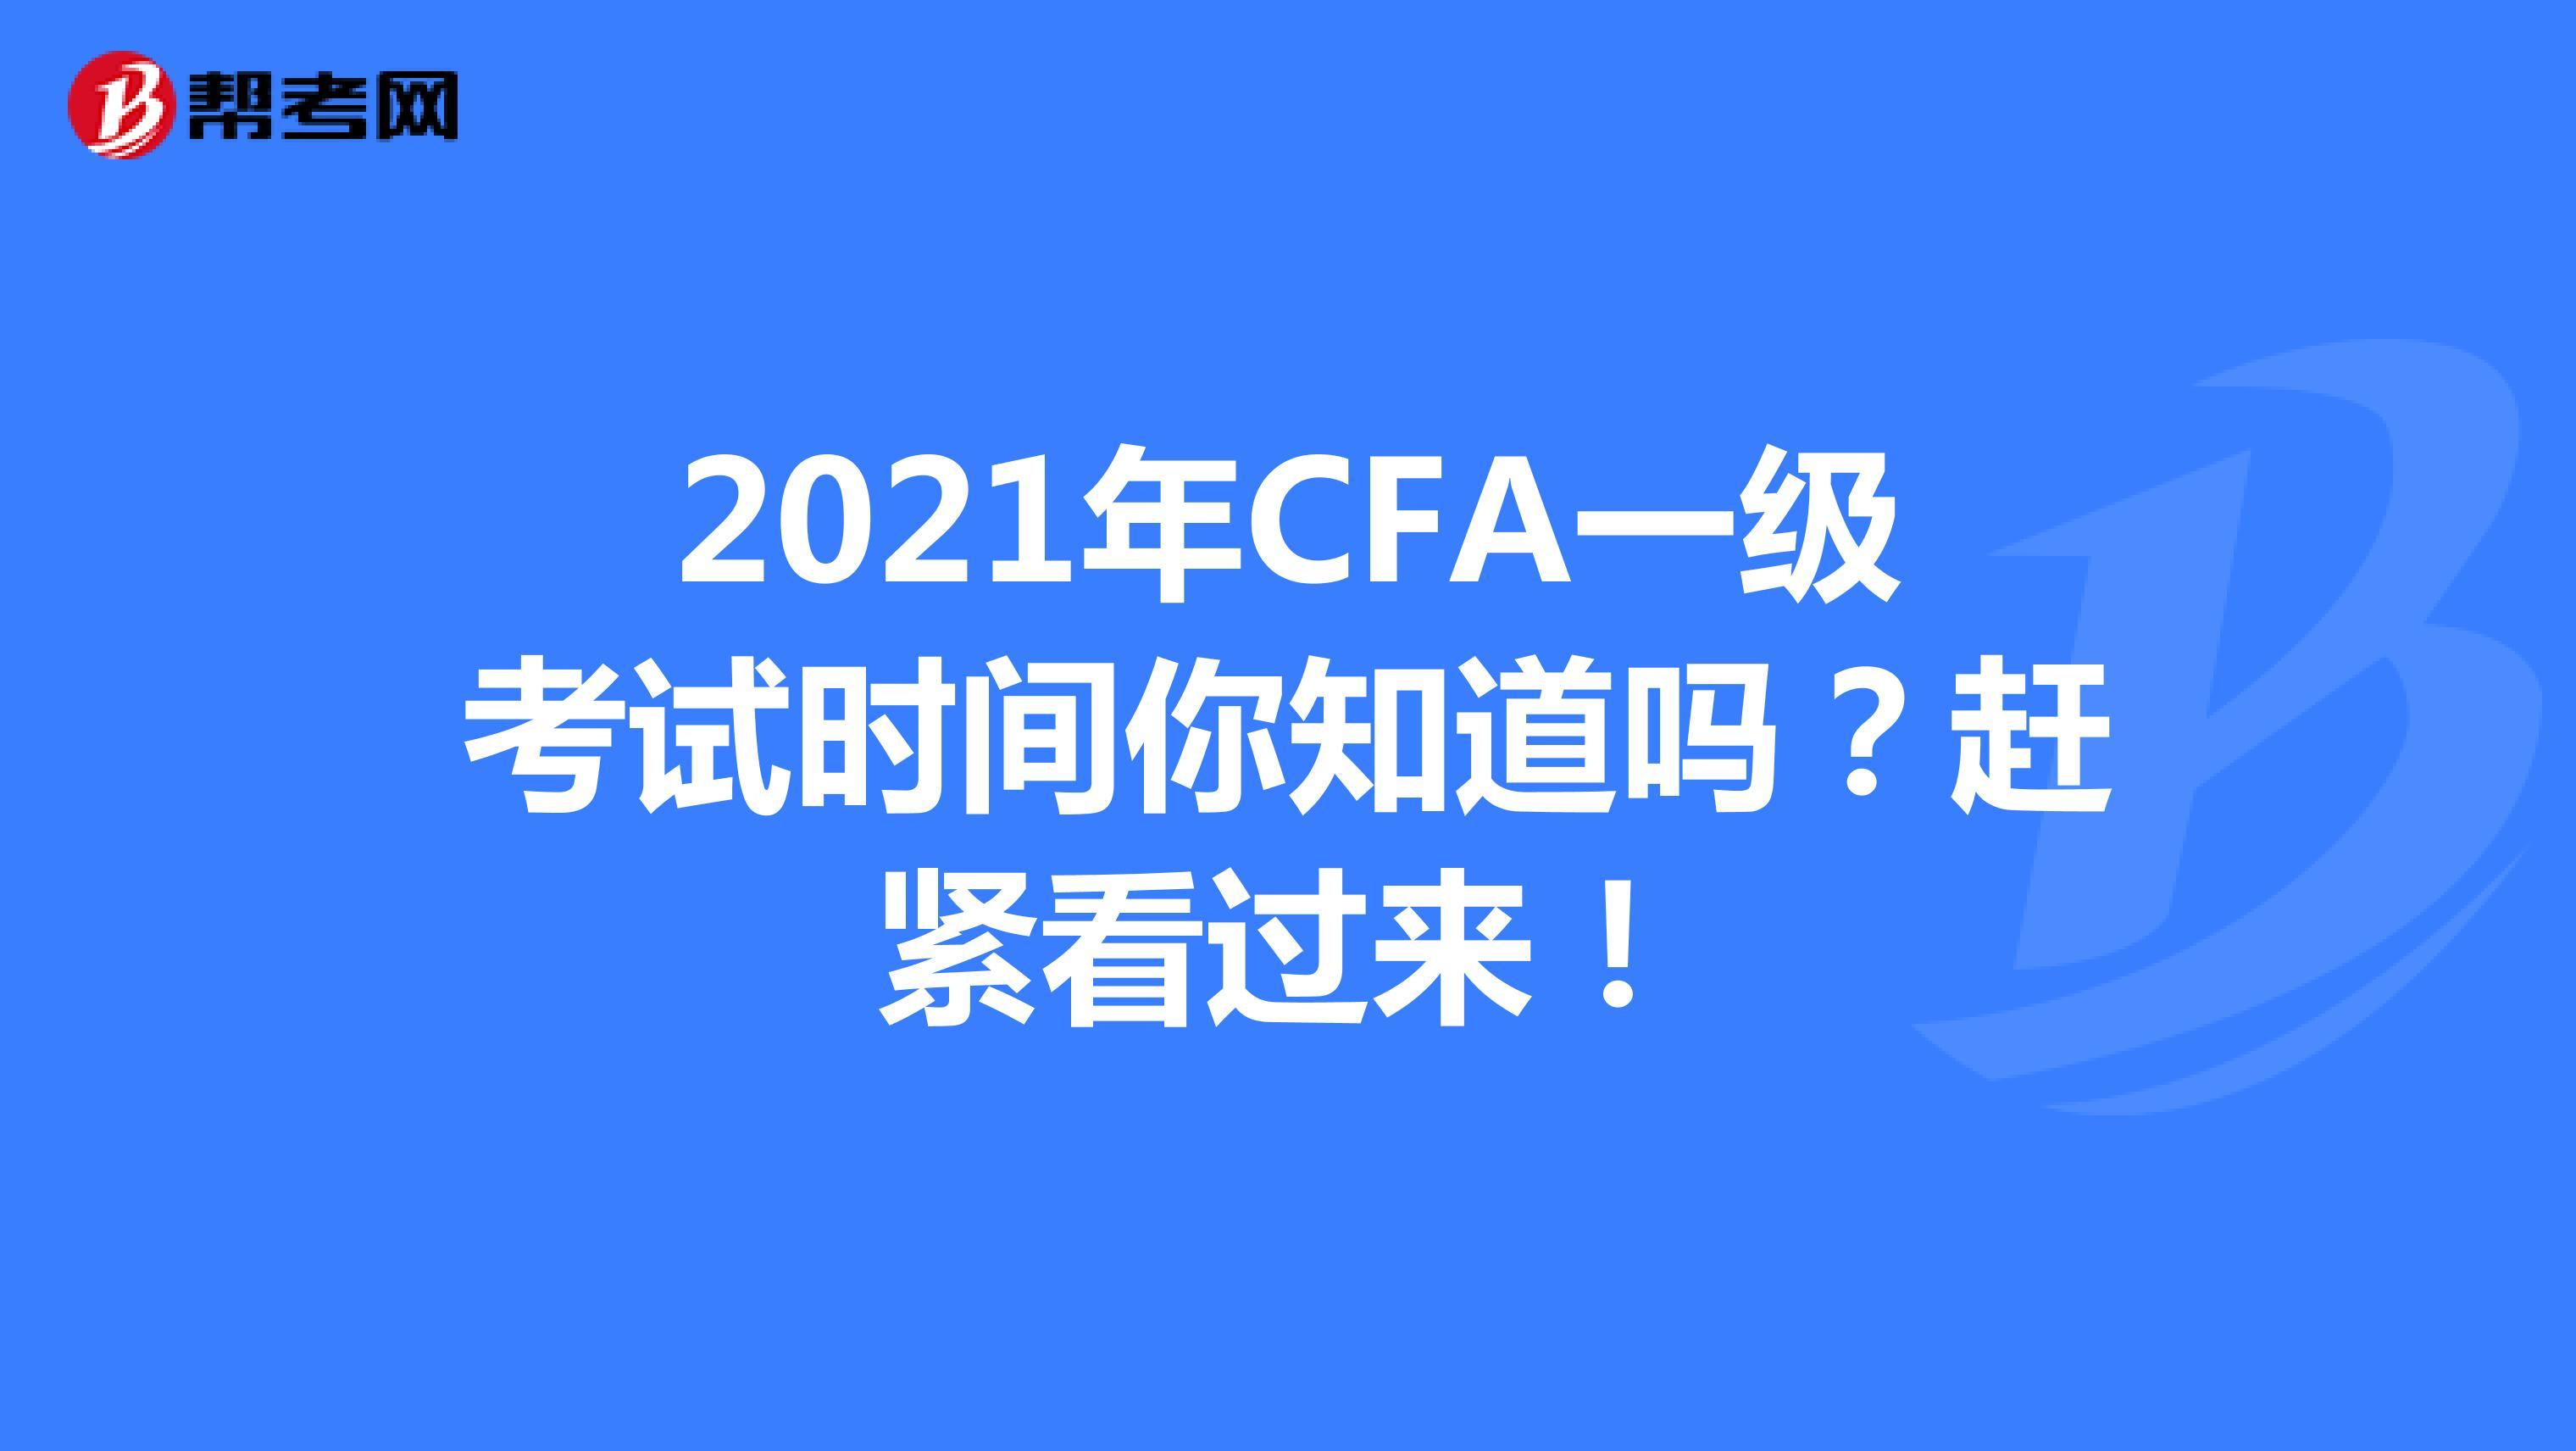 2021年CFA一级考试时间你知道吗?赶紧看过来!